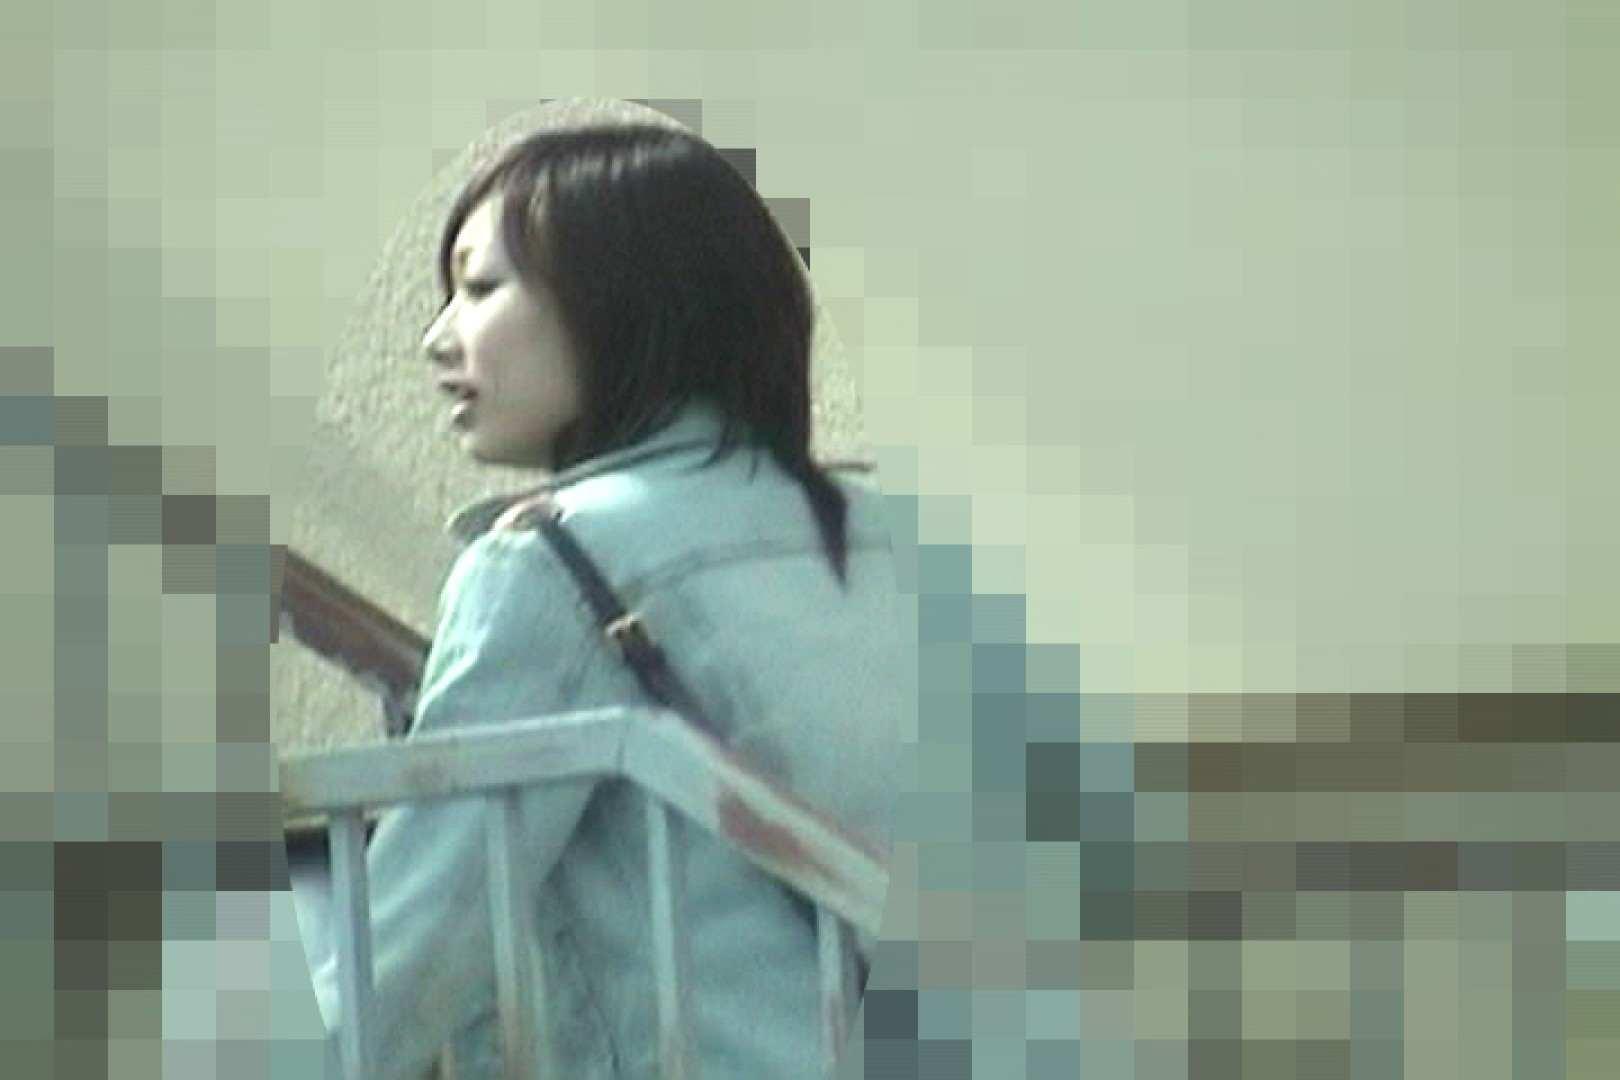 Aquaな露天風呂Vol.58【VIP限定】 露天 おめこ無修正画像 95pic 3